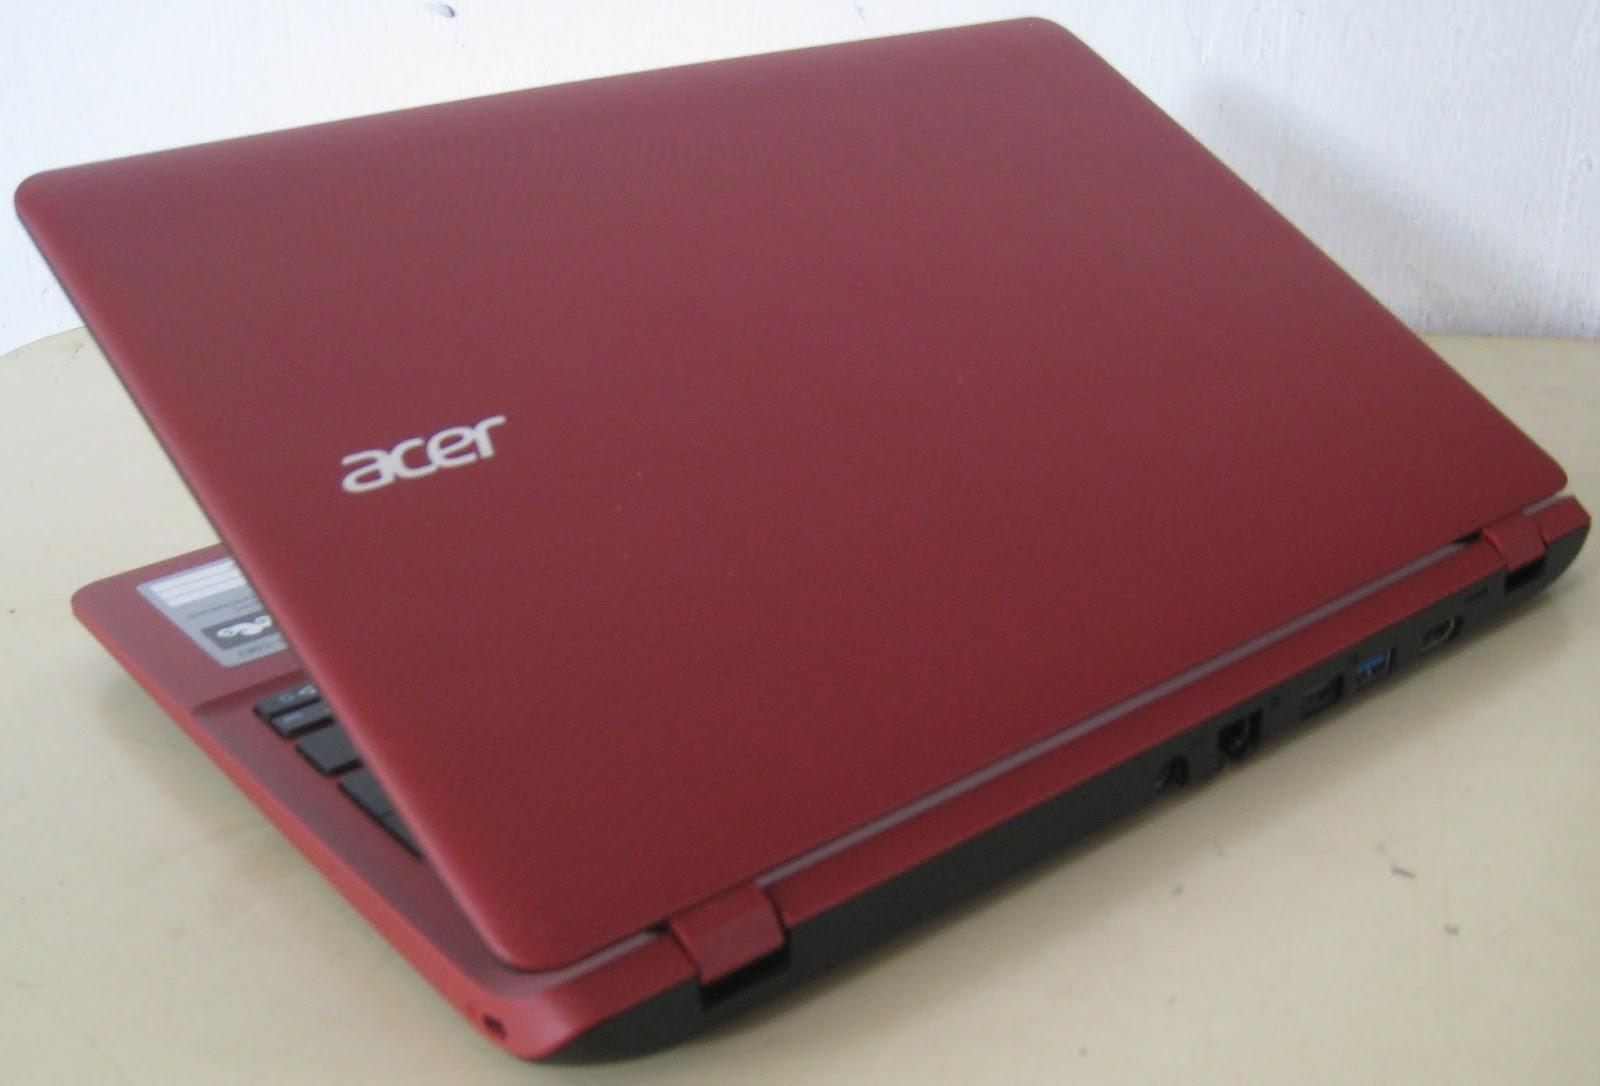 Acer Aspire Es1 131 Di Malang Jual Beli Laptop Kamera Bekas